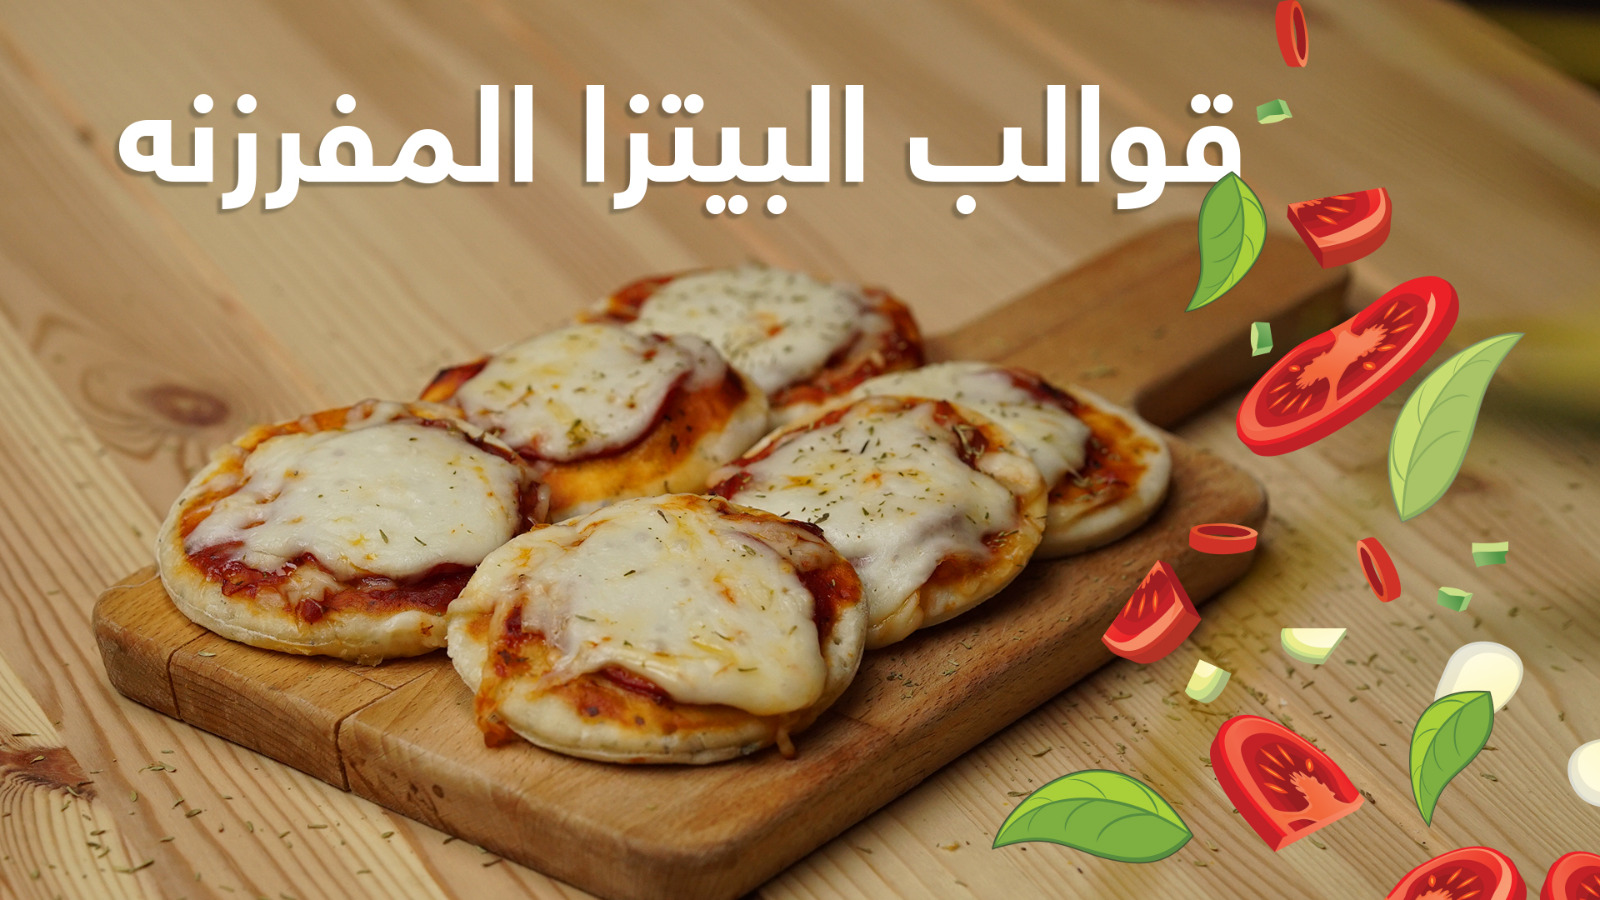 عجينة البيتزا المفرزنه منال العالم